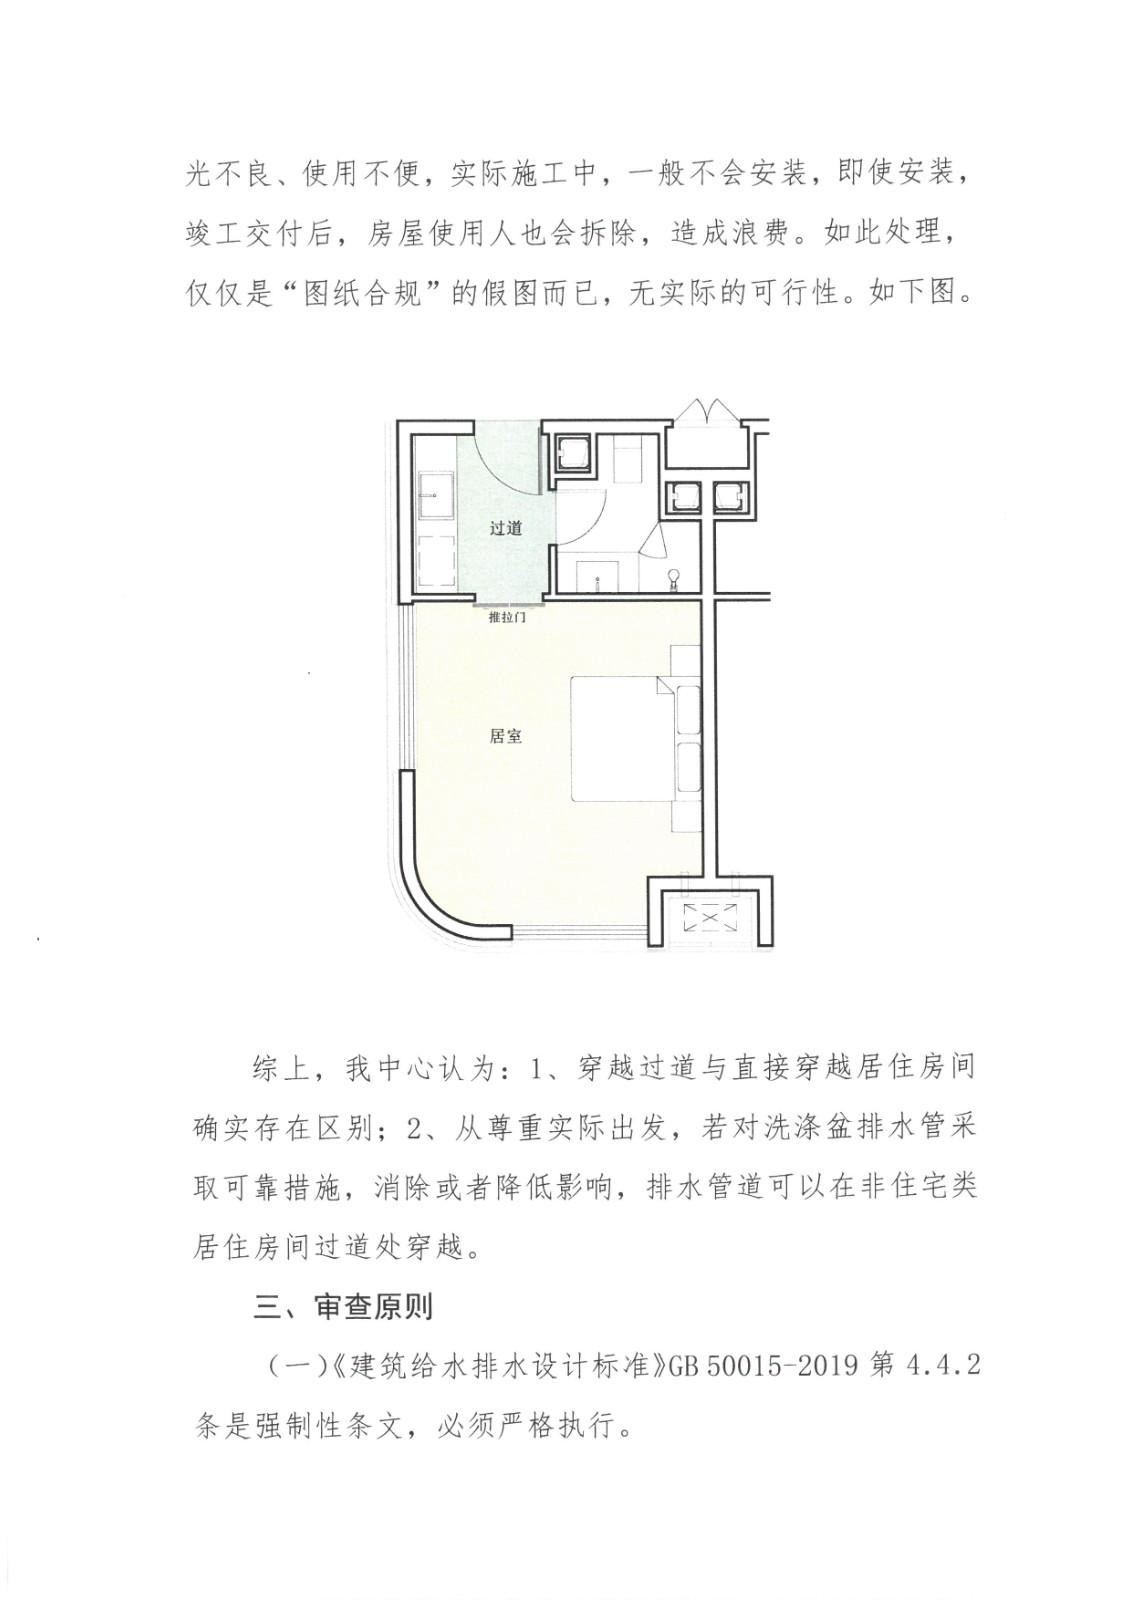 滨州建筑工程施工图审查中心关于排水管道在非住宅类居住房间过道穿越的审查提示函 (5).jpg